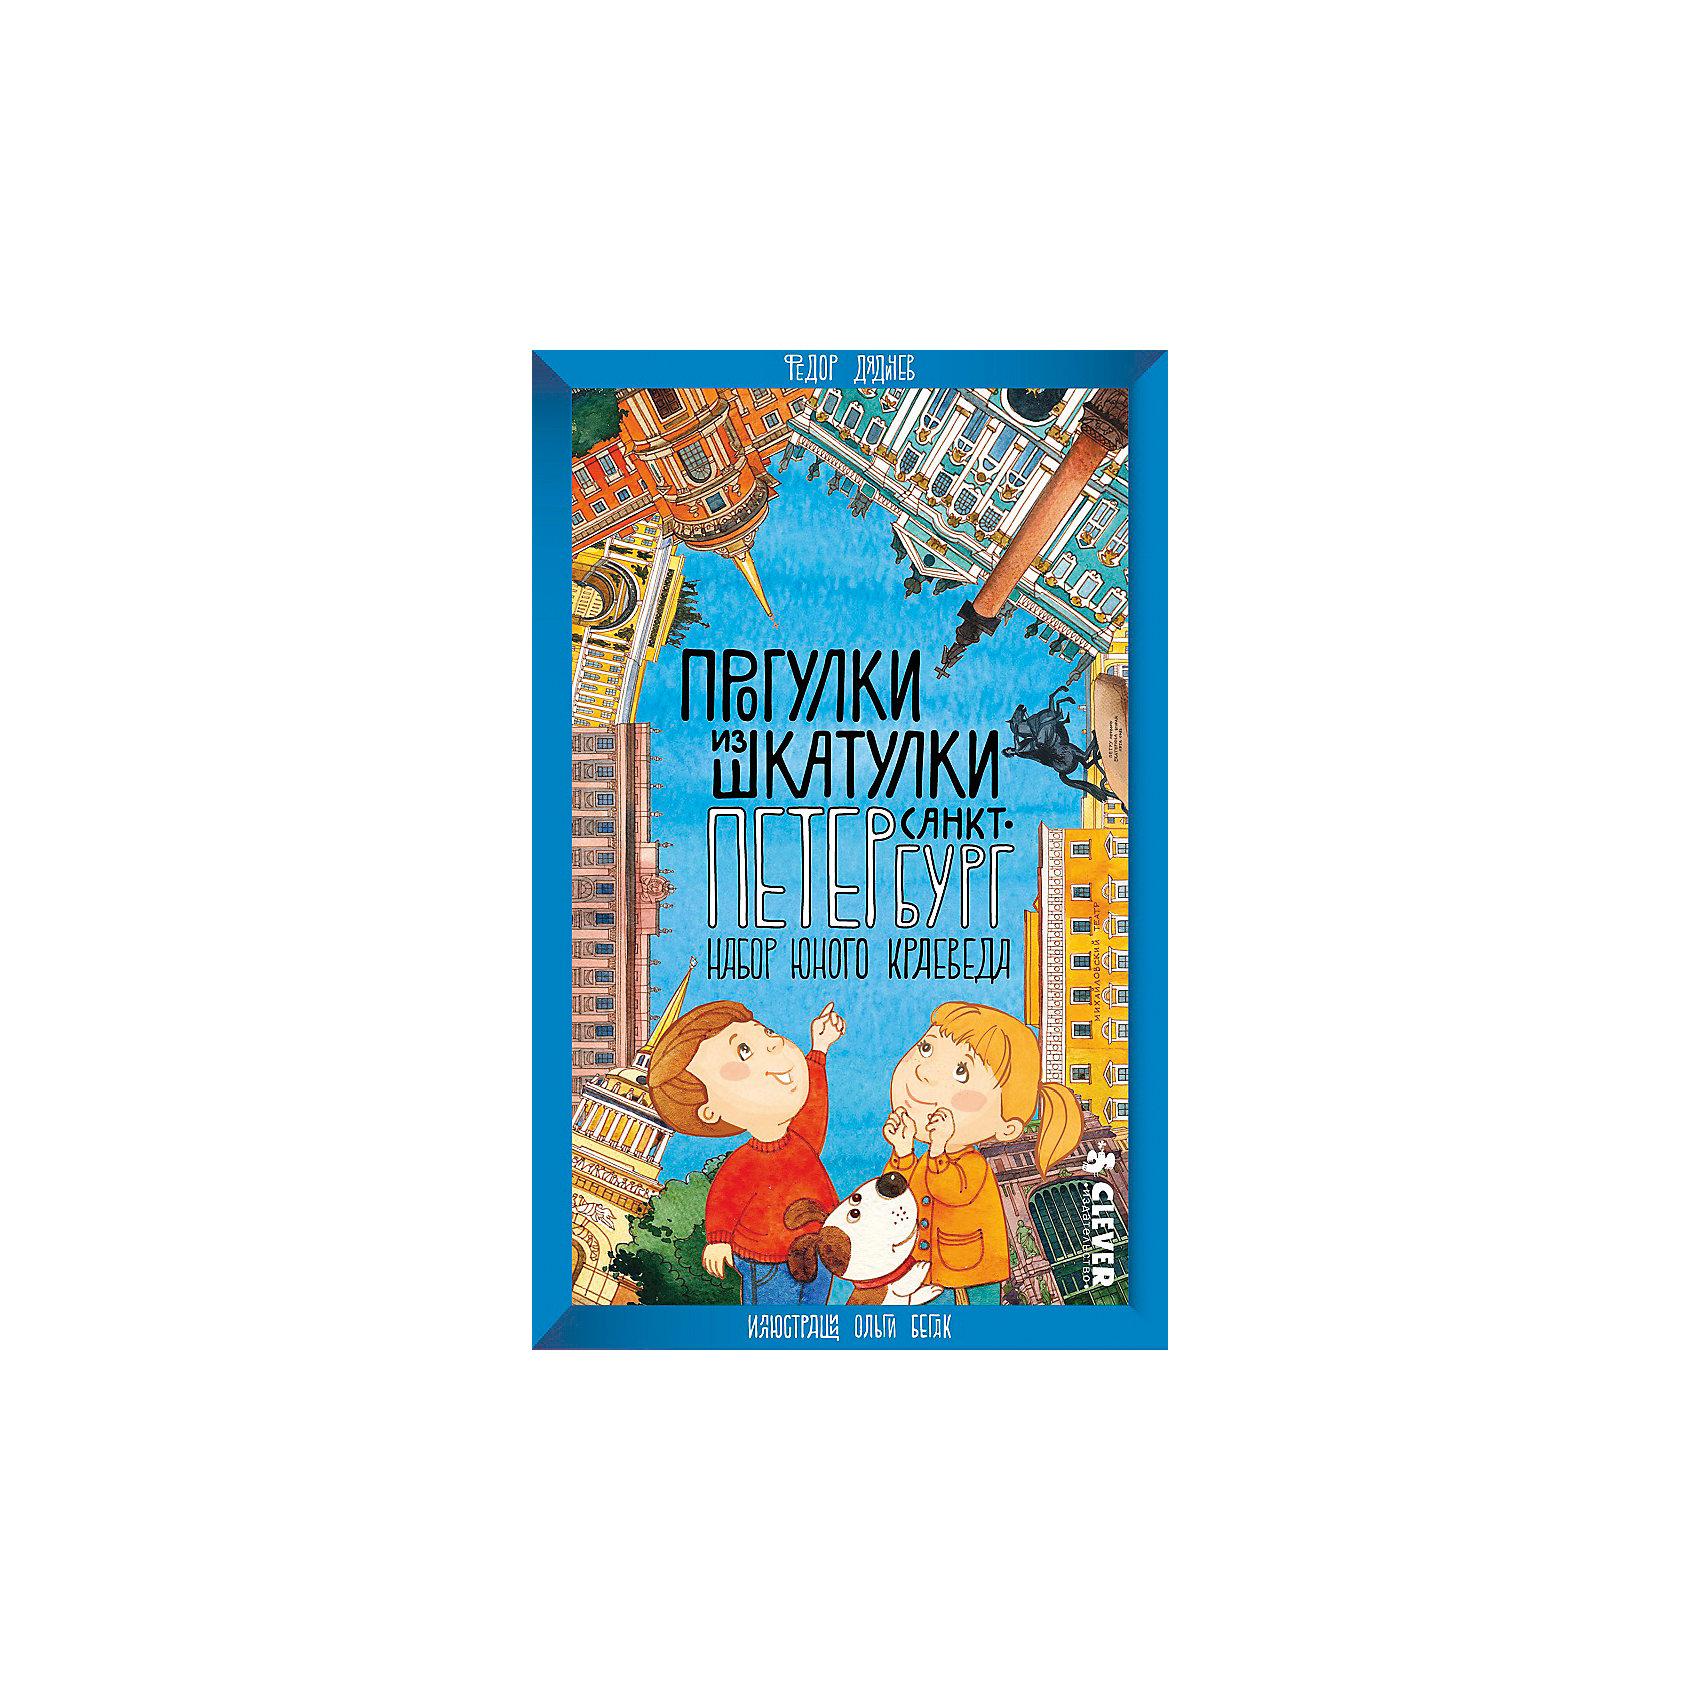 Набор юного краеведа Санкт-Петербург, прогулки из шкатулки, О. БегакCLEVER (КЛЕВЕР)<br>Вокруг столько всего удивительного и интересного! Познакомить ребенка с занимательными фактами и разными красивыми местами Санкт-Петербурга поможет это издание. Шкатулка-коробка очень красиво выглядит, внутри - карточки с яркими иллюстрациями и разными маршрутами, поэтому издание станет отличным подарком. В комплекте - шесть маршрутов, также есть увлекательные игры и задания!<br>Прогулки по маршрутам с этими книгами помогут не только весело провести время и загореться жаждой путешествий и открытий, издание подготовит ребенка к изучению истории и поможет привить интерес к знаниям. <br><br>Дополнительная информация:<br>размер: 12 x 18 х 6 см;<br>страниц: 90;<br>6 маршрутов.<br><br>Набор юного краеведа Санкт-Петербург, прогулки из шкатулки, О. Бегак можно купить в нашем интернет-магазине.<br><br>Ширина мм: 180<br>Глубина мм: 160<br>Высота мм: 60<br>Вес г: 500<br>Возраст от месяцев: 84<br>Возраст до месяцев: 132<br>Пол: Унисекс<br>Возраст: Детский<br>SKU: 4976242